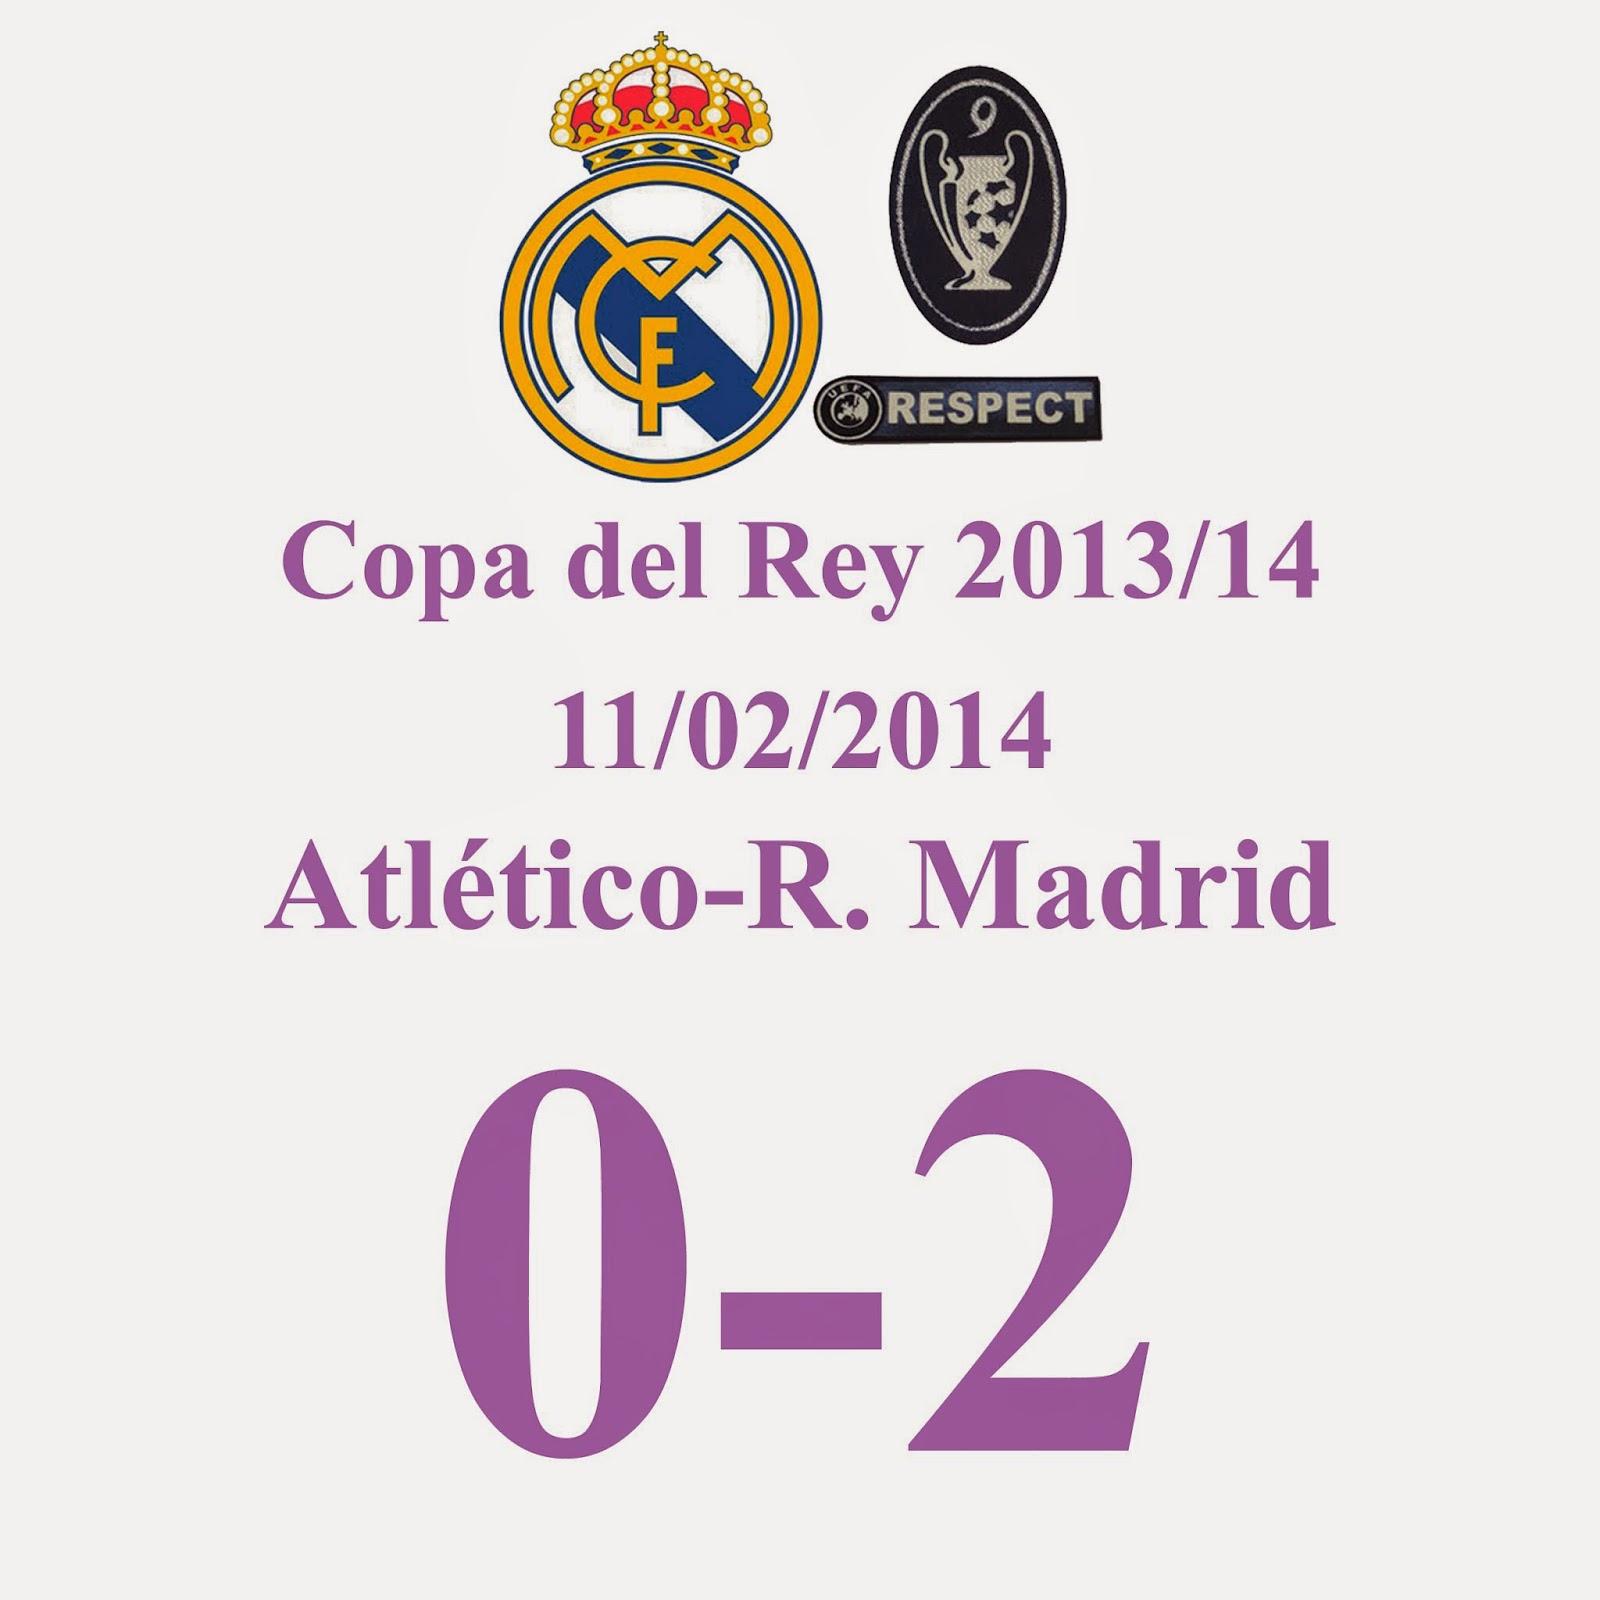 Atlético Madrid 0 - 2 Real Madrid. El Real Madrid estará en la final de la Copa del Rey, el Atlético NO. Doblete de Cristiano Ronaldo, con agresión a Cristiano Ronaldo